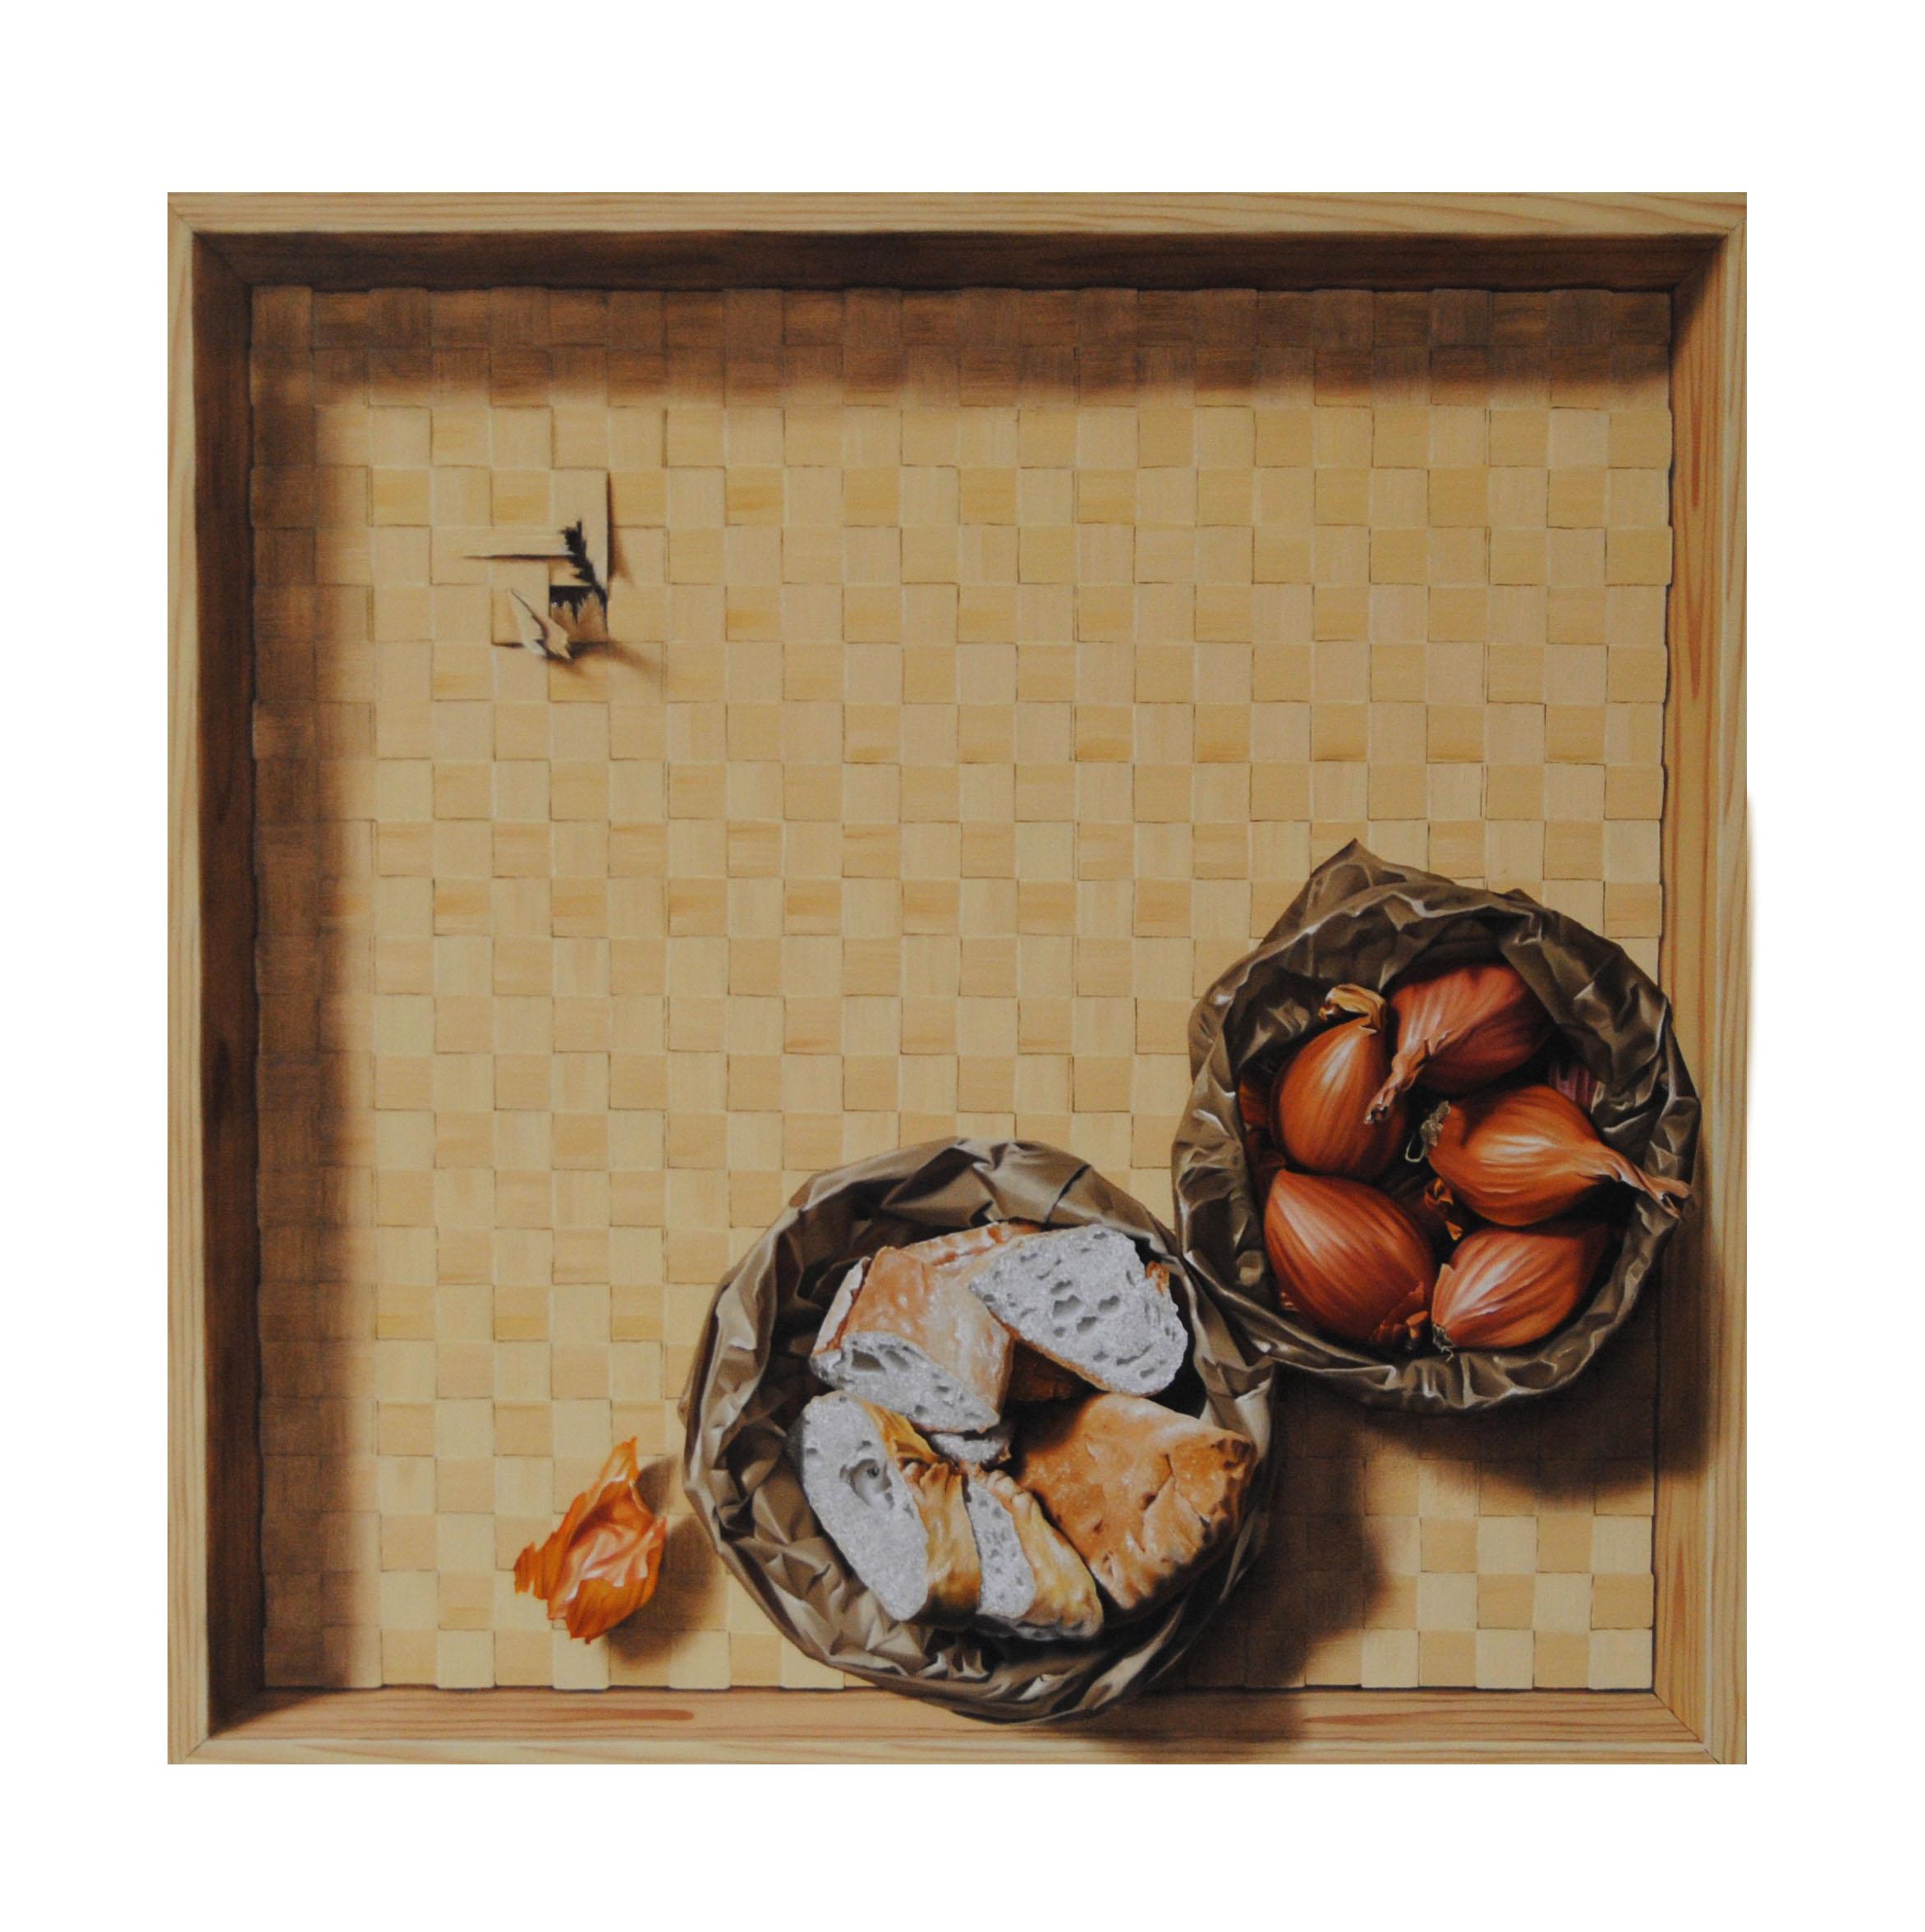 M. FASOLI, Japanese Whispers, 2013, olio su tela applicata su struttura in mdf, cm 55 x 55 x 10